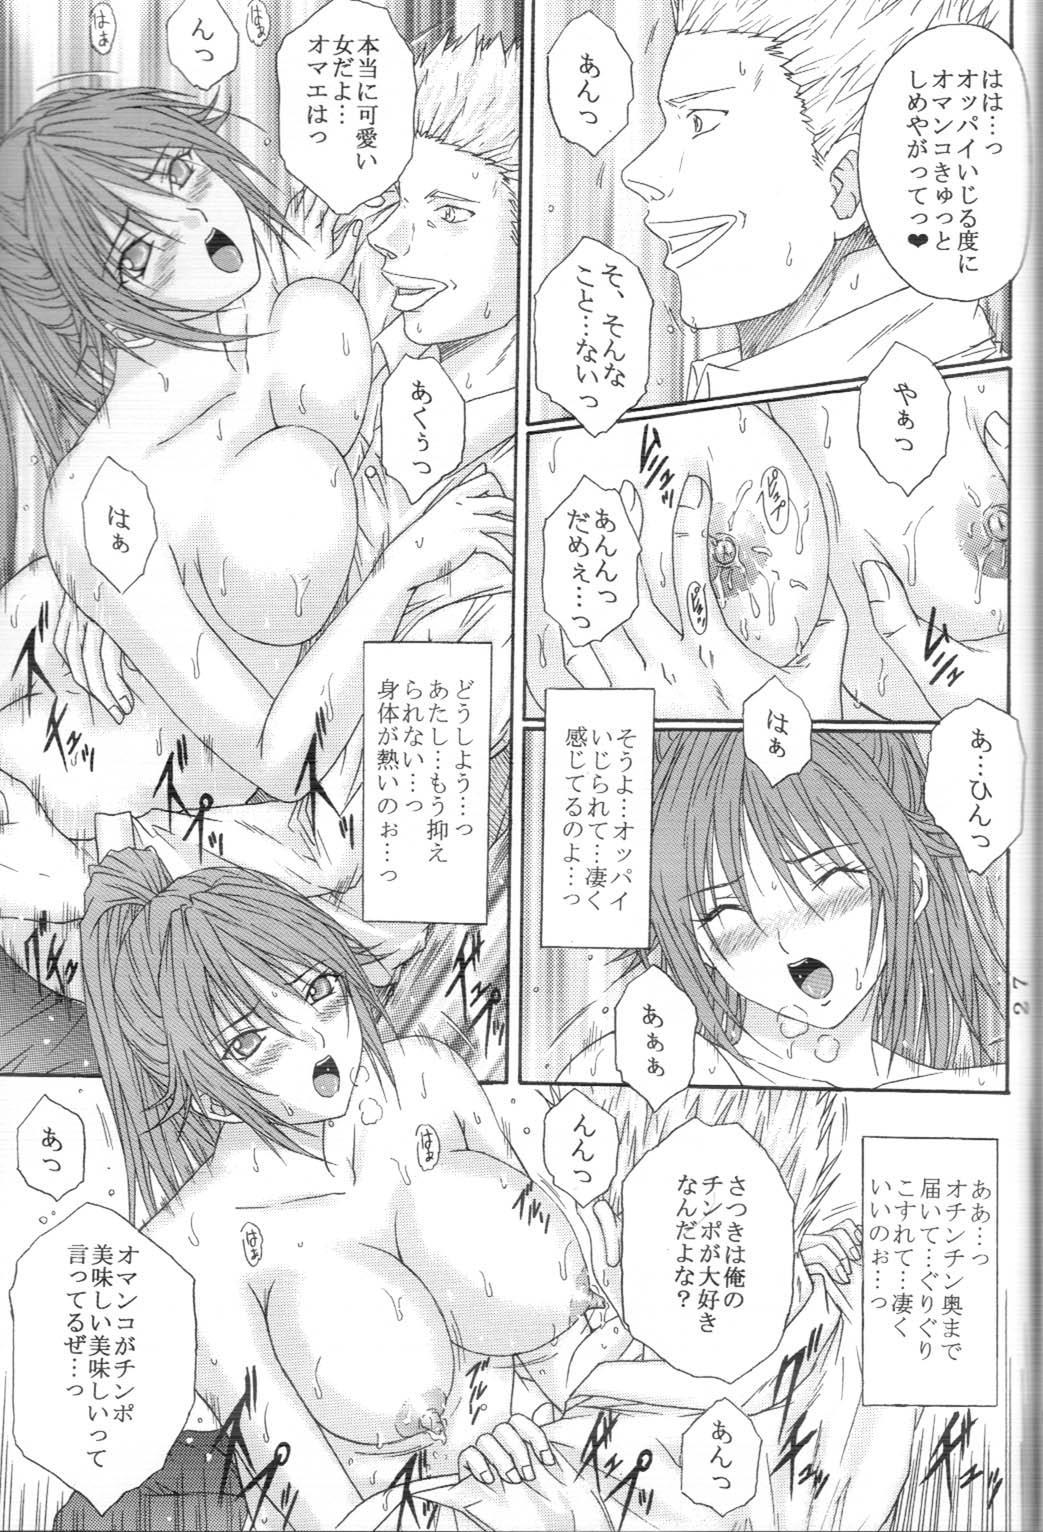 Ryoujoku Rensa 05 25